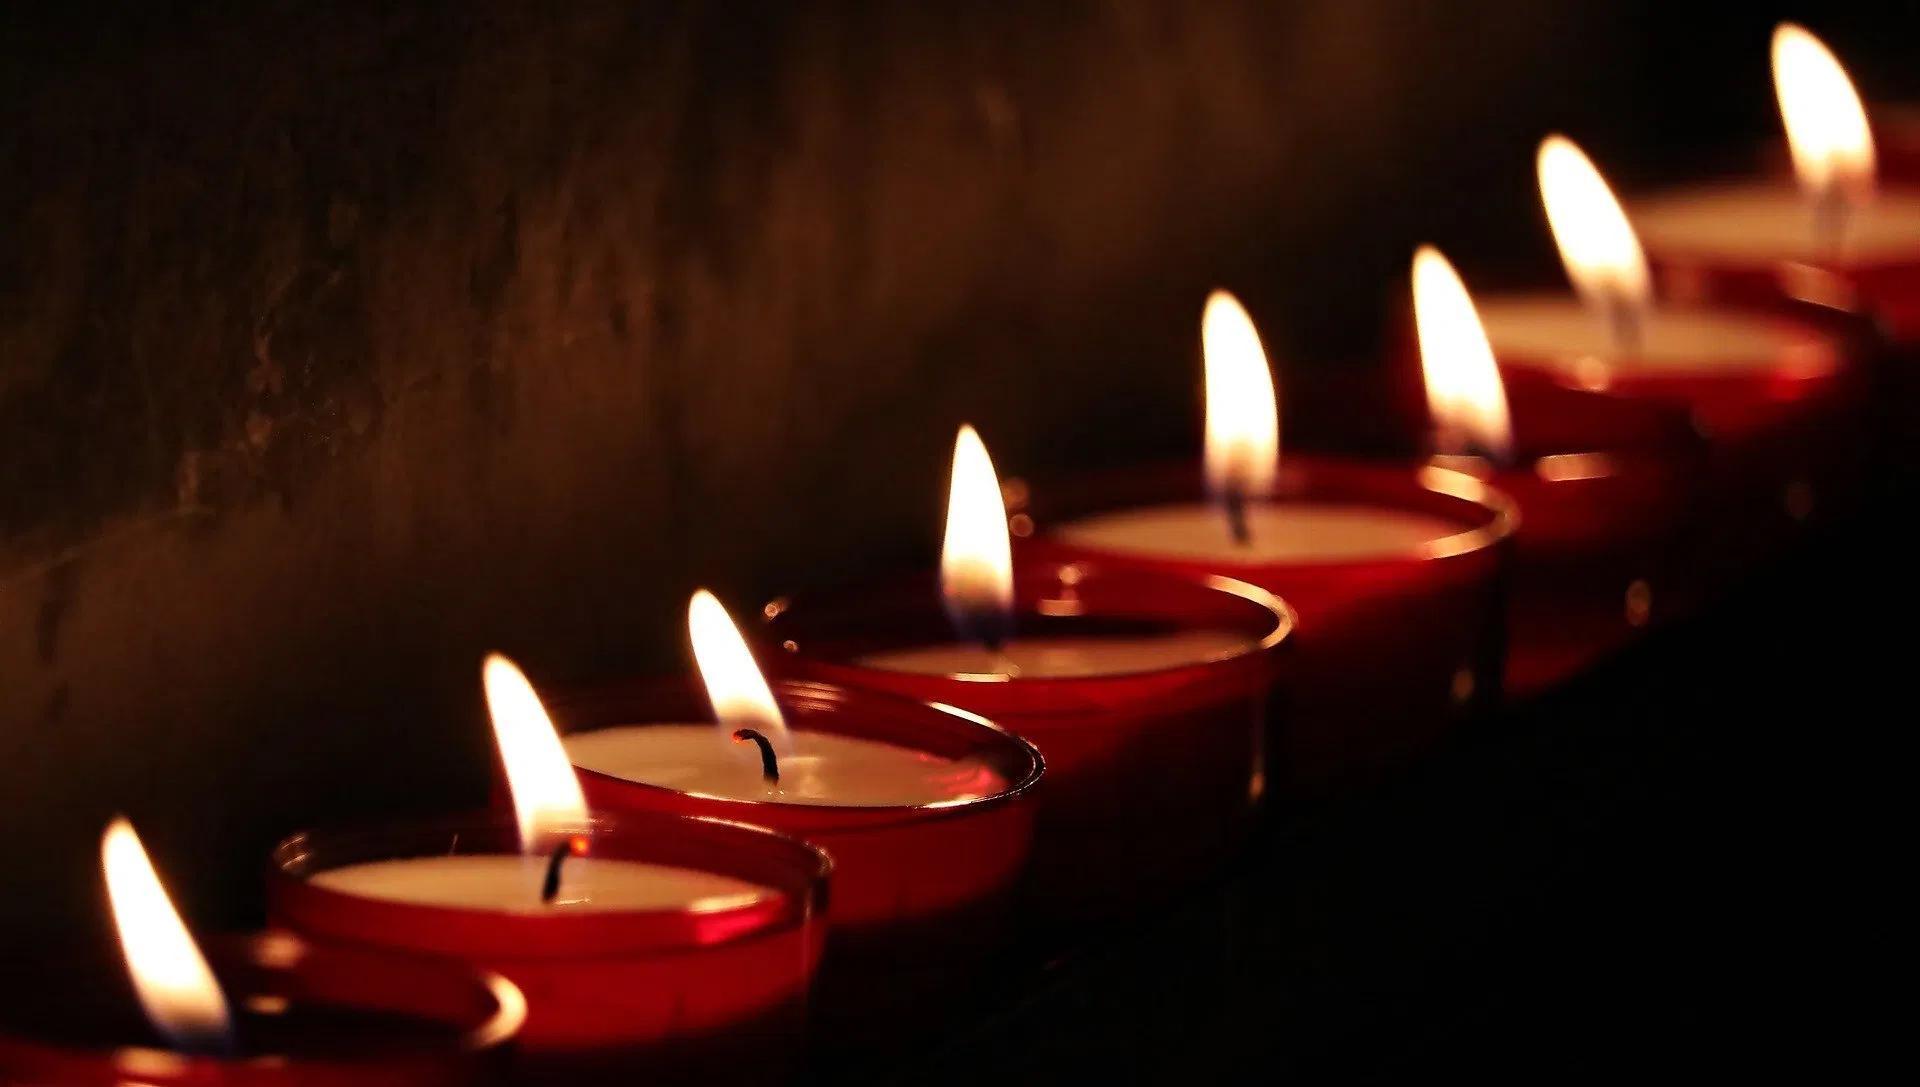 Религиозность связали с риском развития сердечно-сосудистых заболеваний